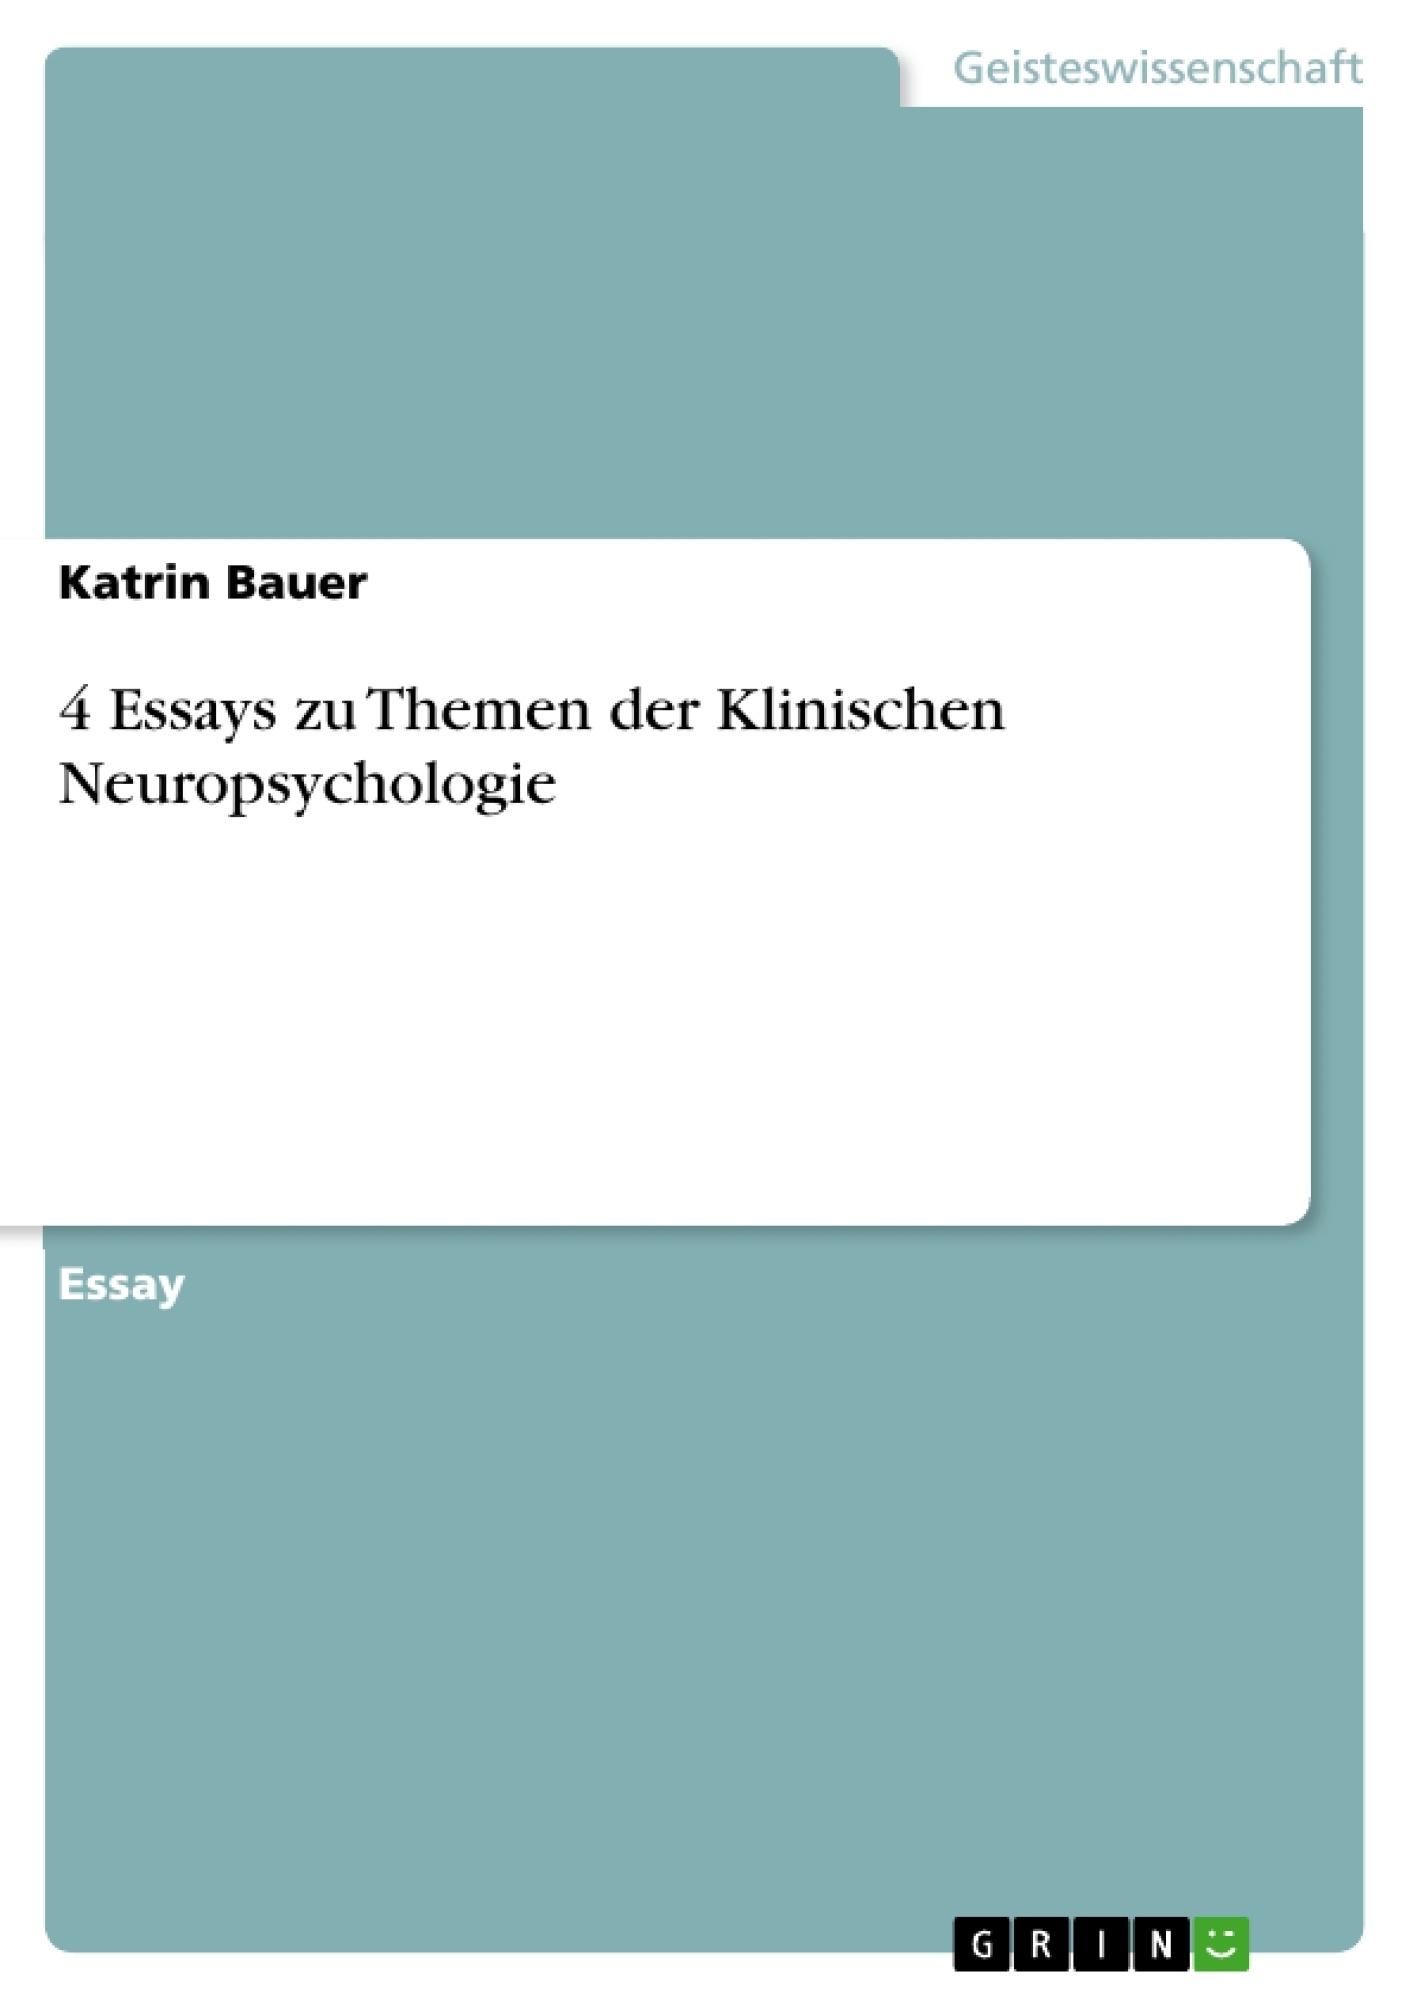 Titel: 4 Essays zu Themen der Klinischen Neuropsychologie